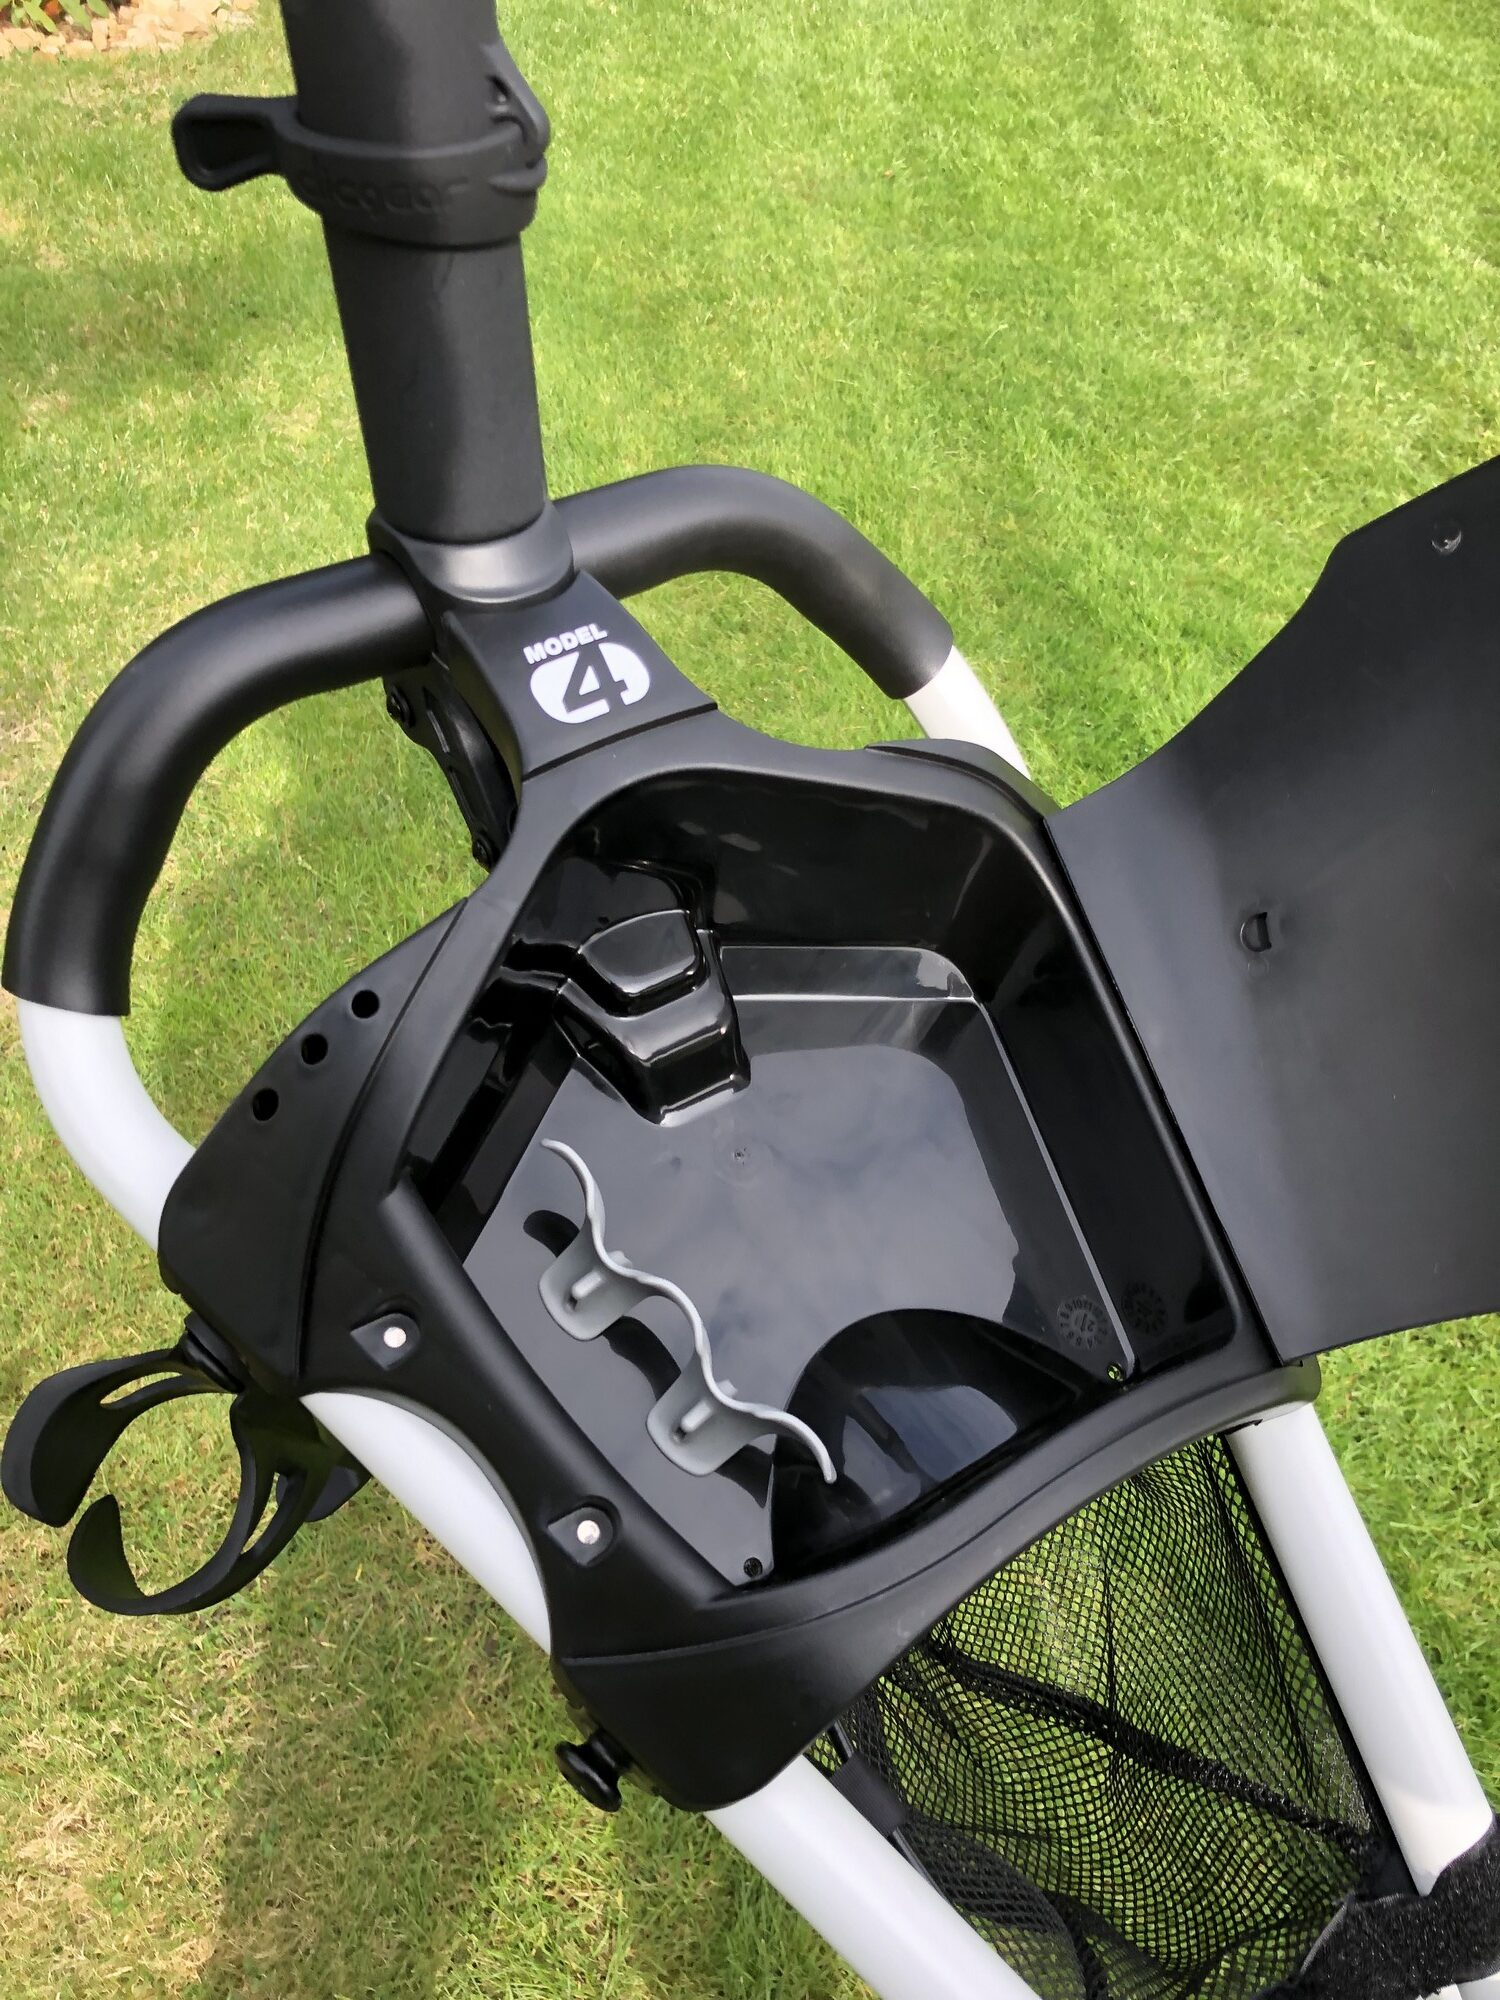 akcesoria do wózka golfowego clicgear